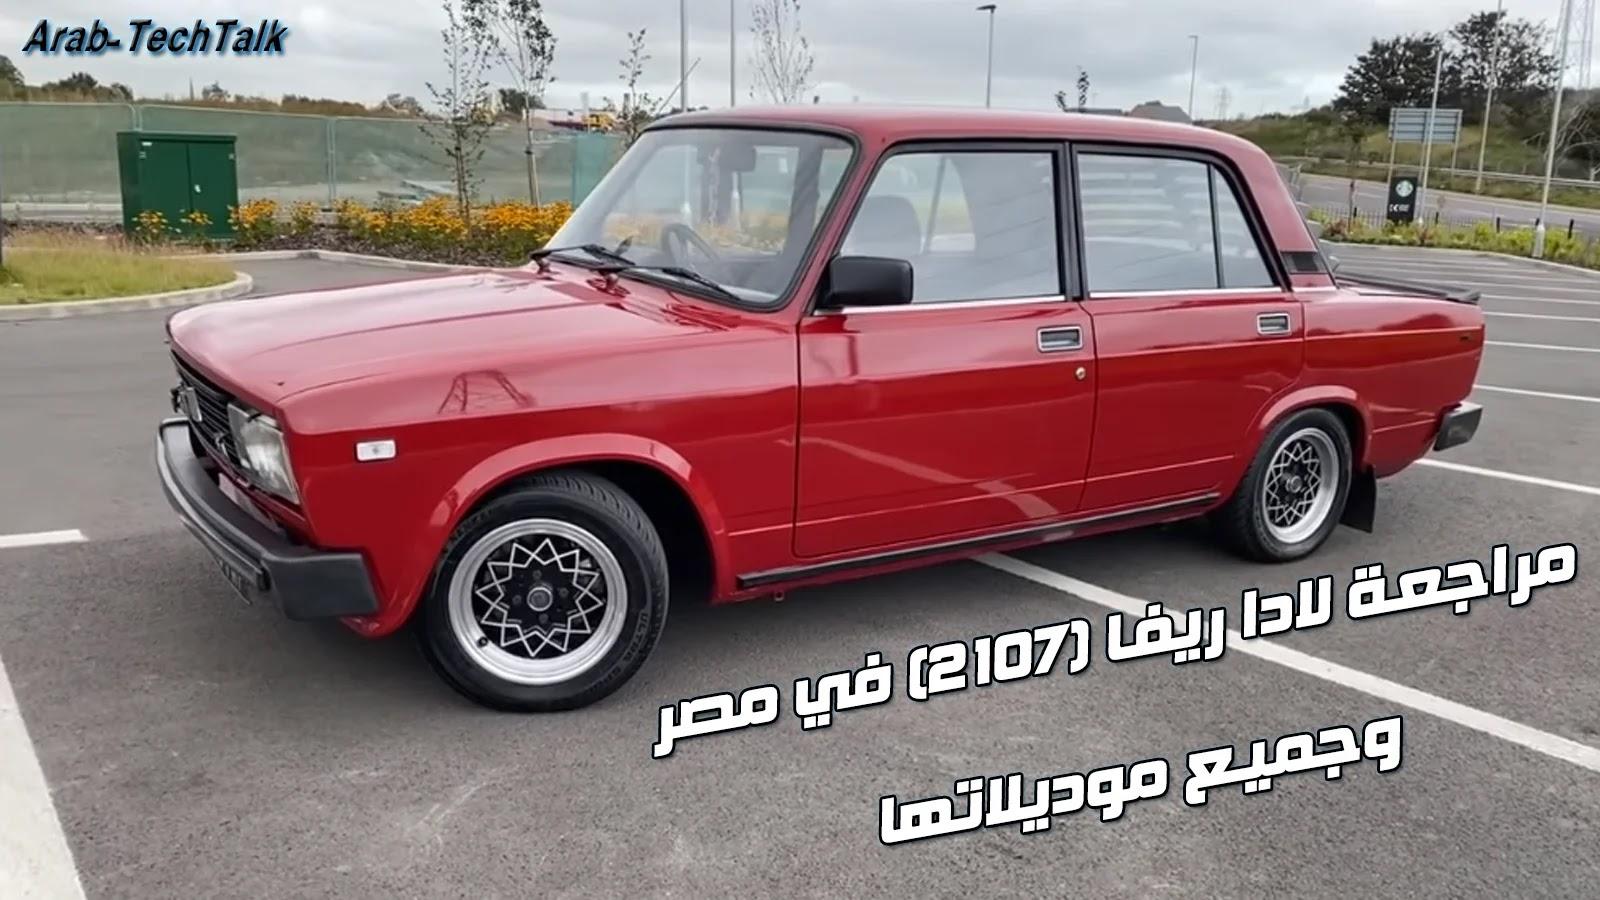 مراجعة سيارة لادا روسي في مصر